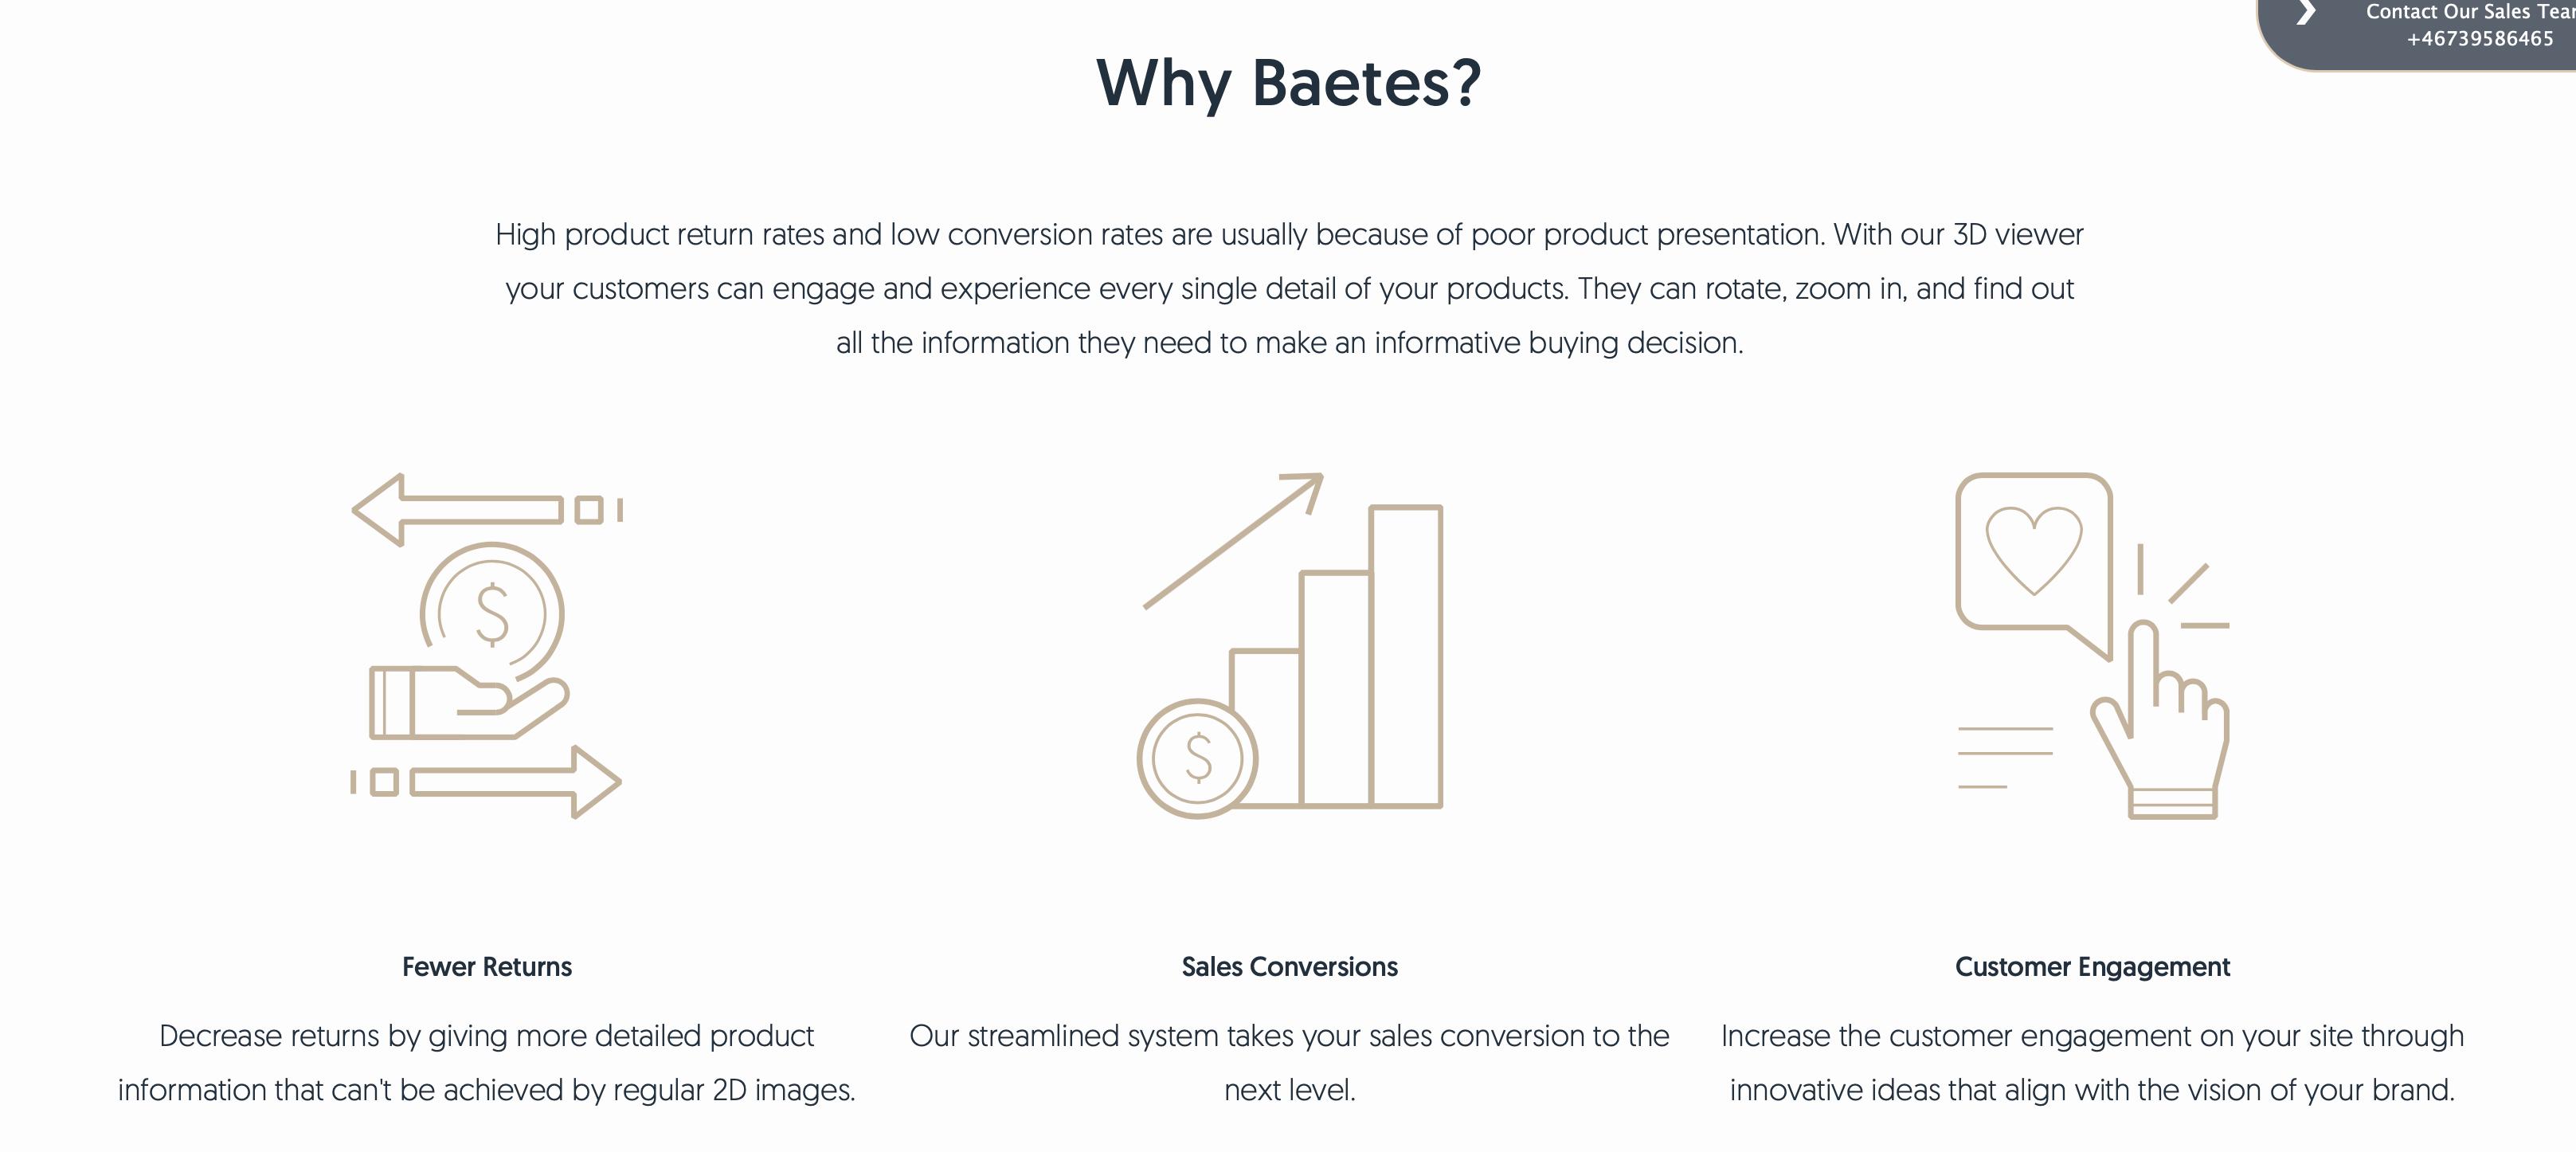 Baetes_Why Baetes